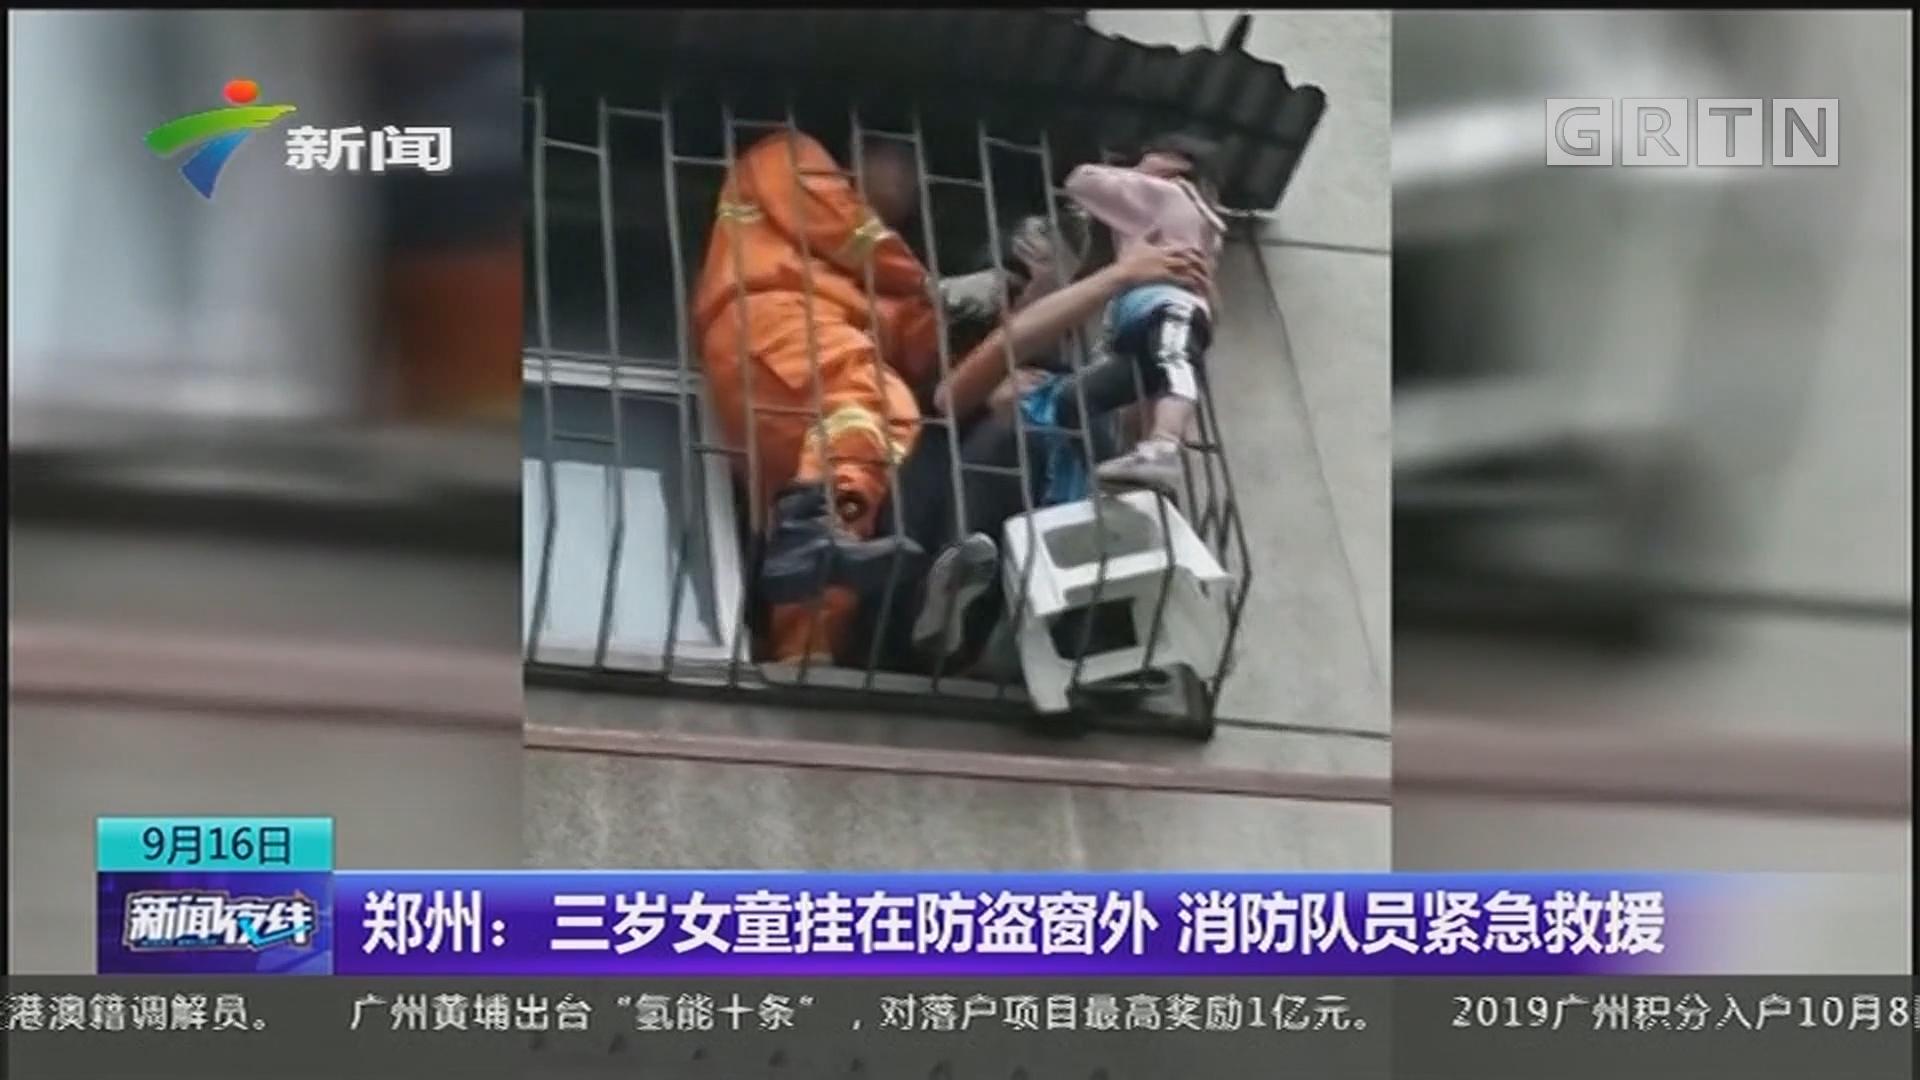 郑州:三岁女童挂在防盗窗外 消防队员紧急救援